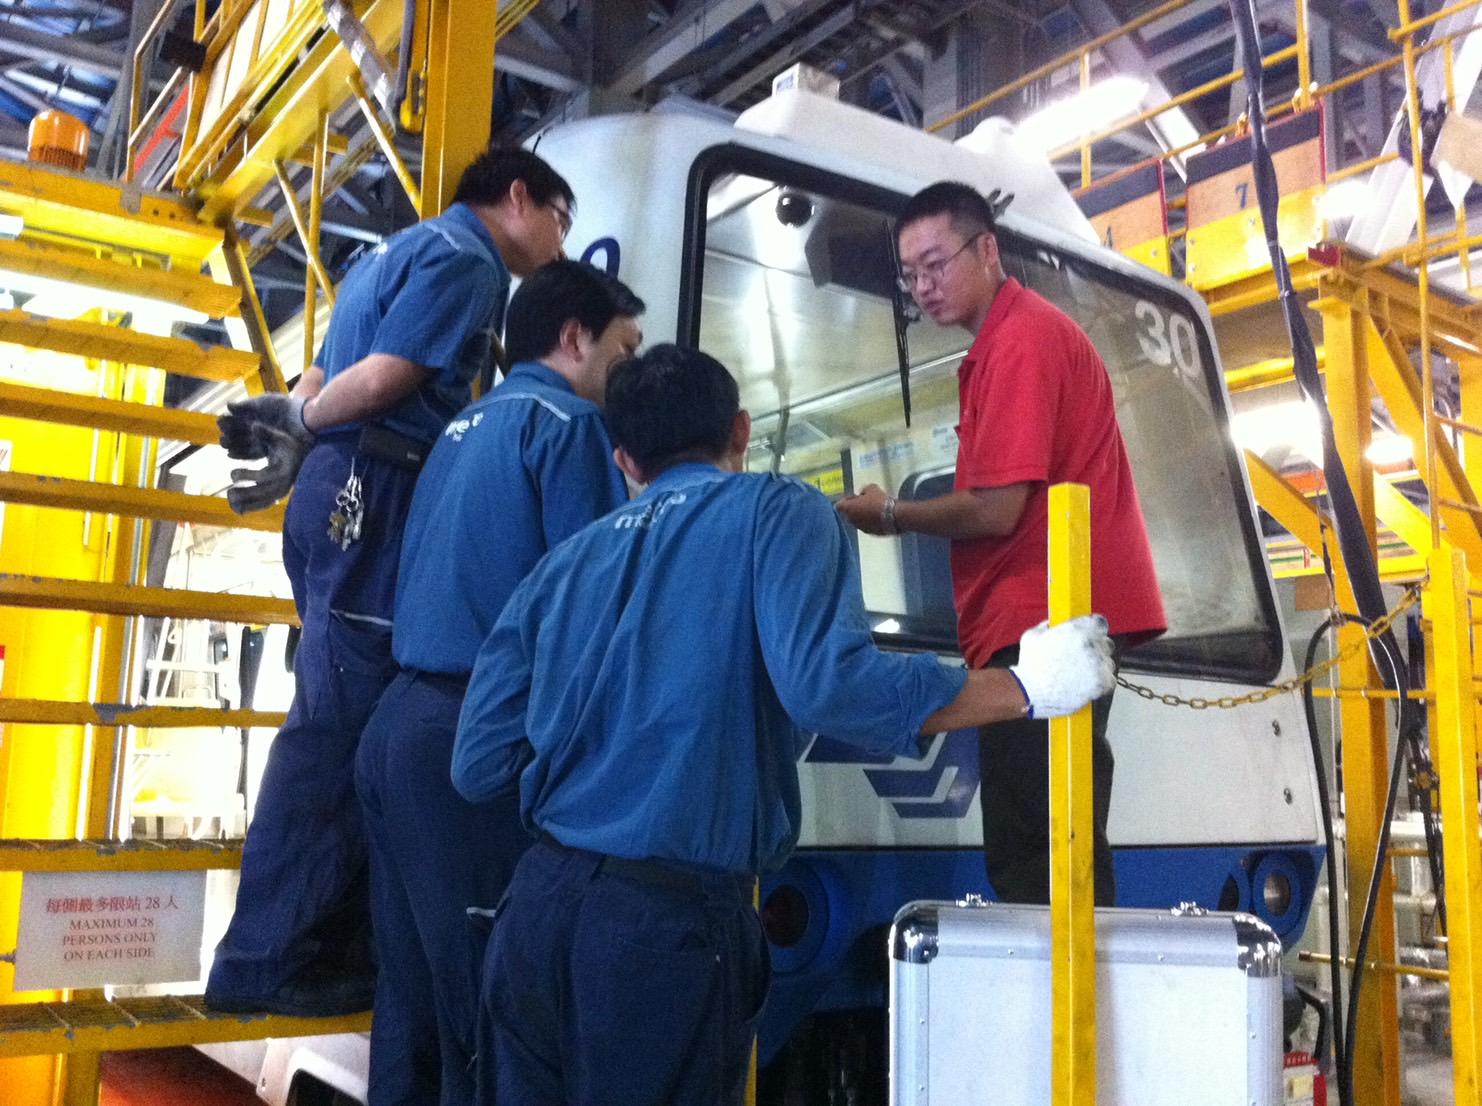 「立可補」擁有豐富的汽車玻璃修補經驗 - 台北郵報 | The Taipei Post